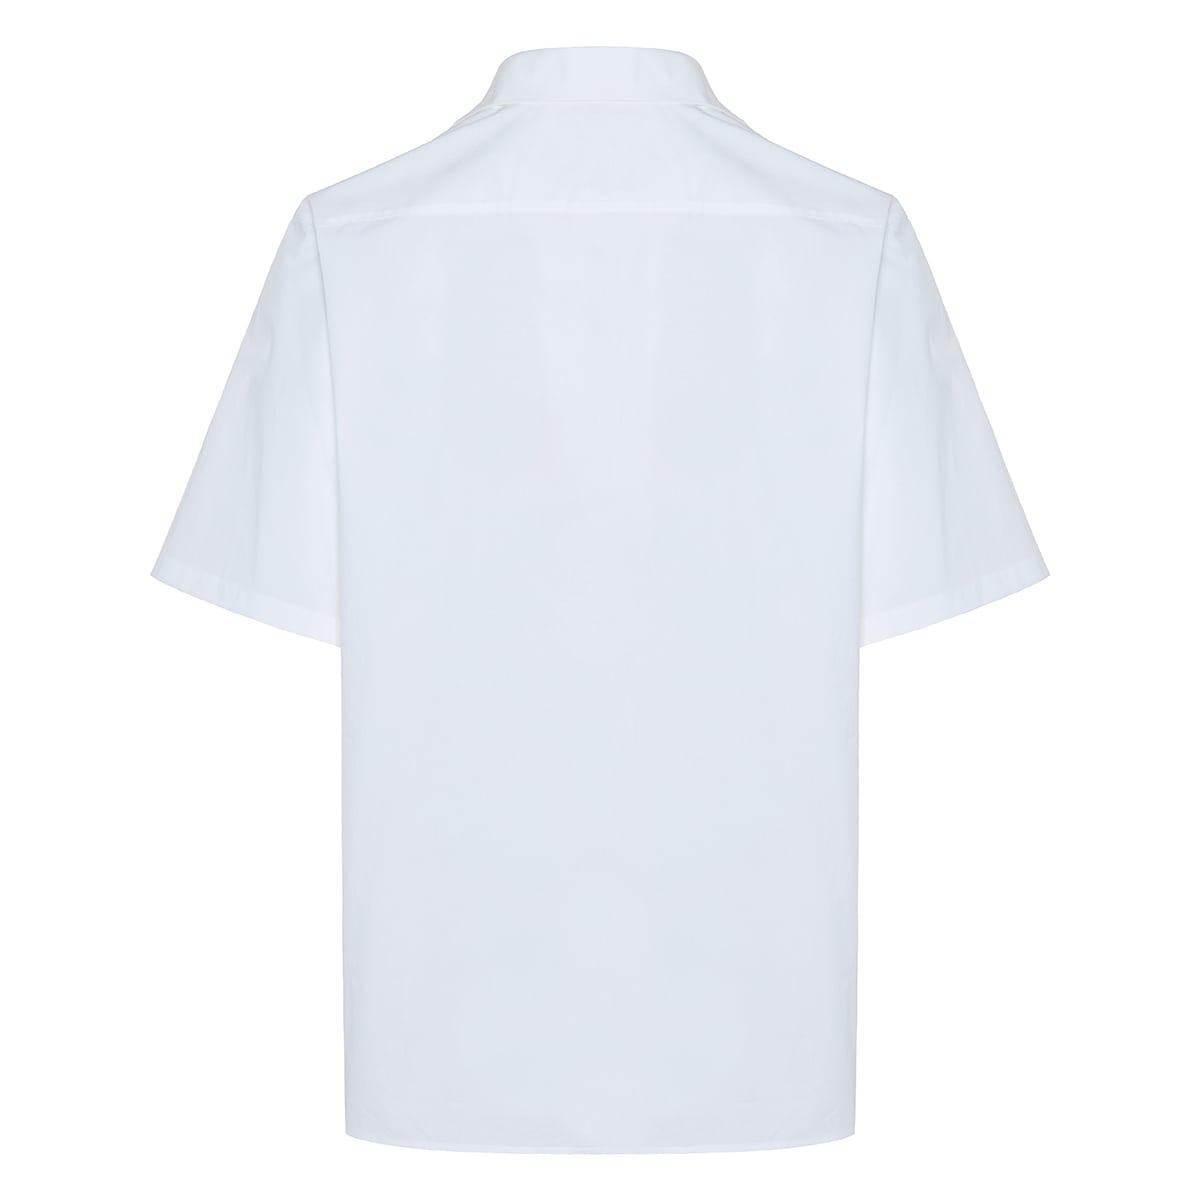 VLTN cotton shirt